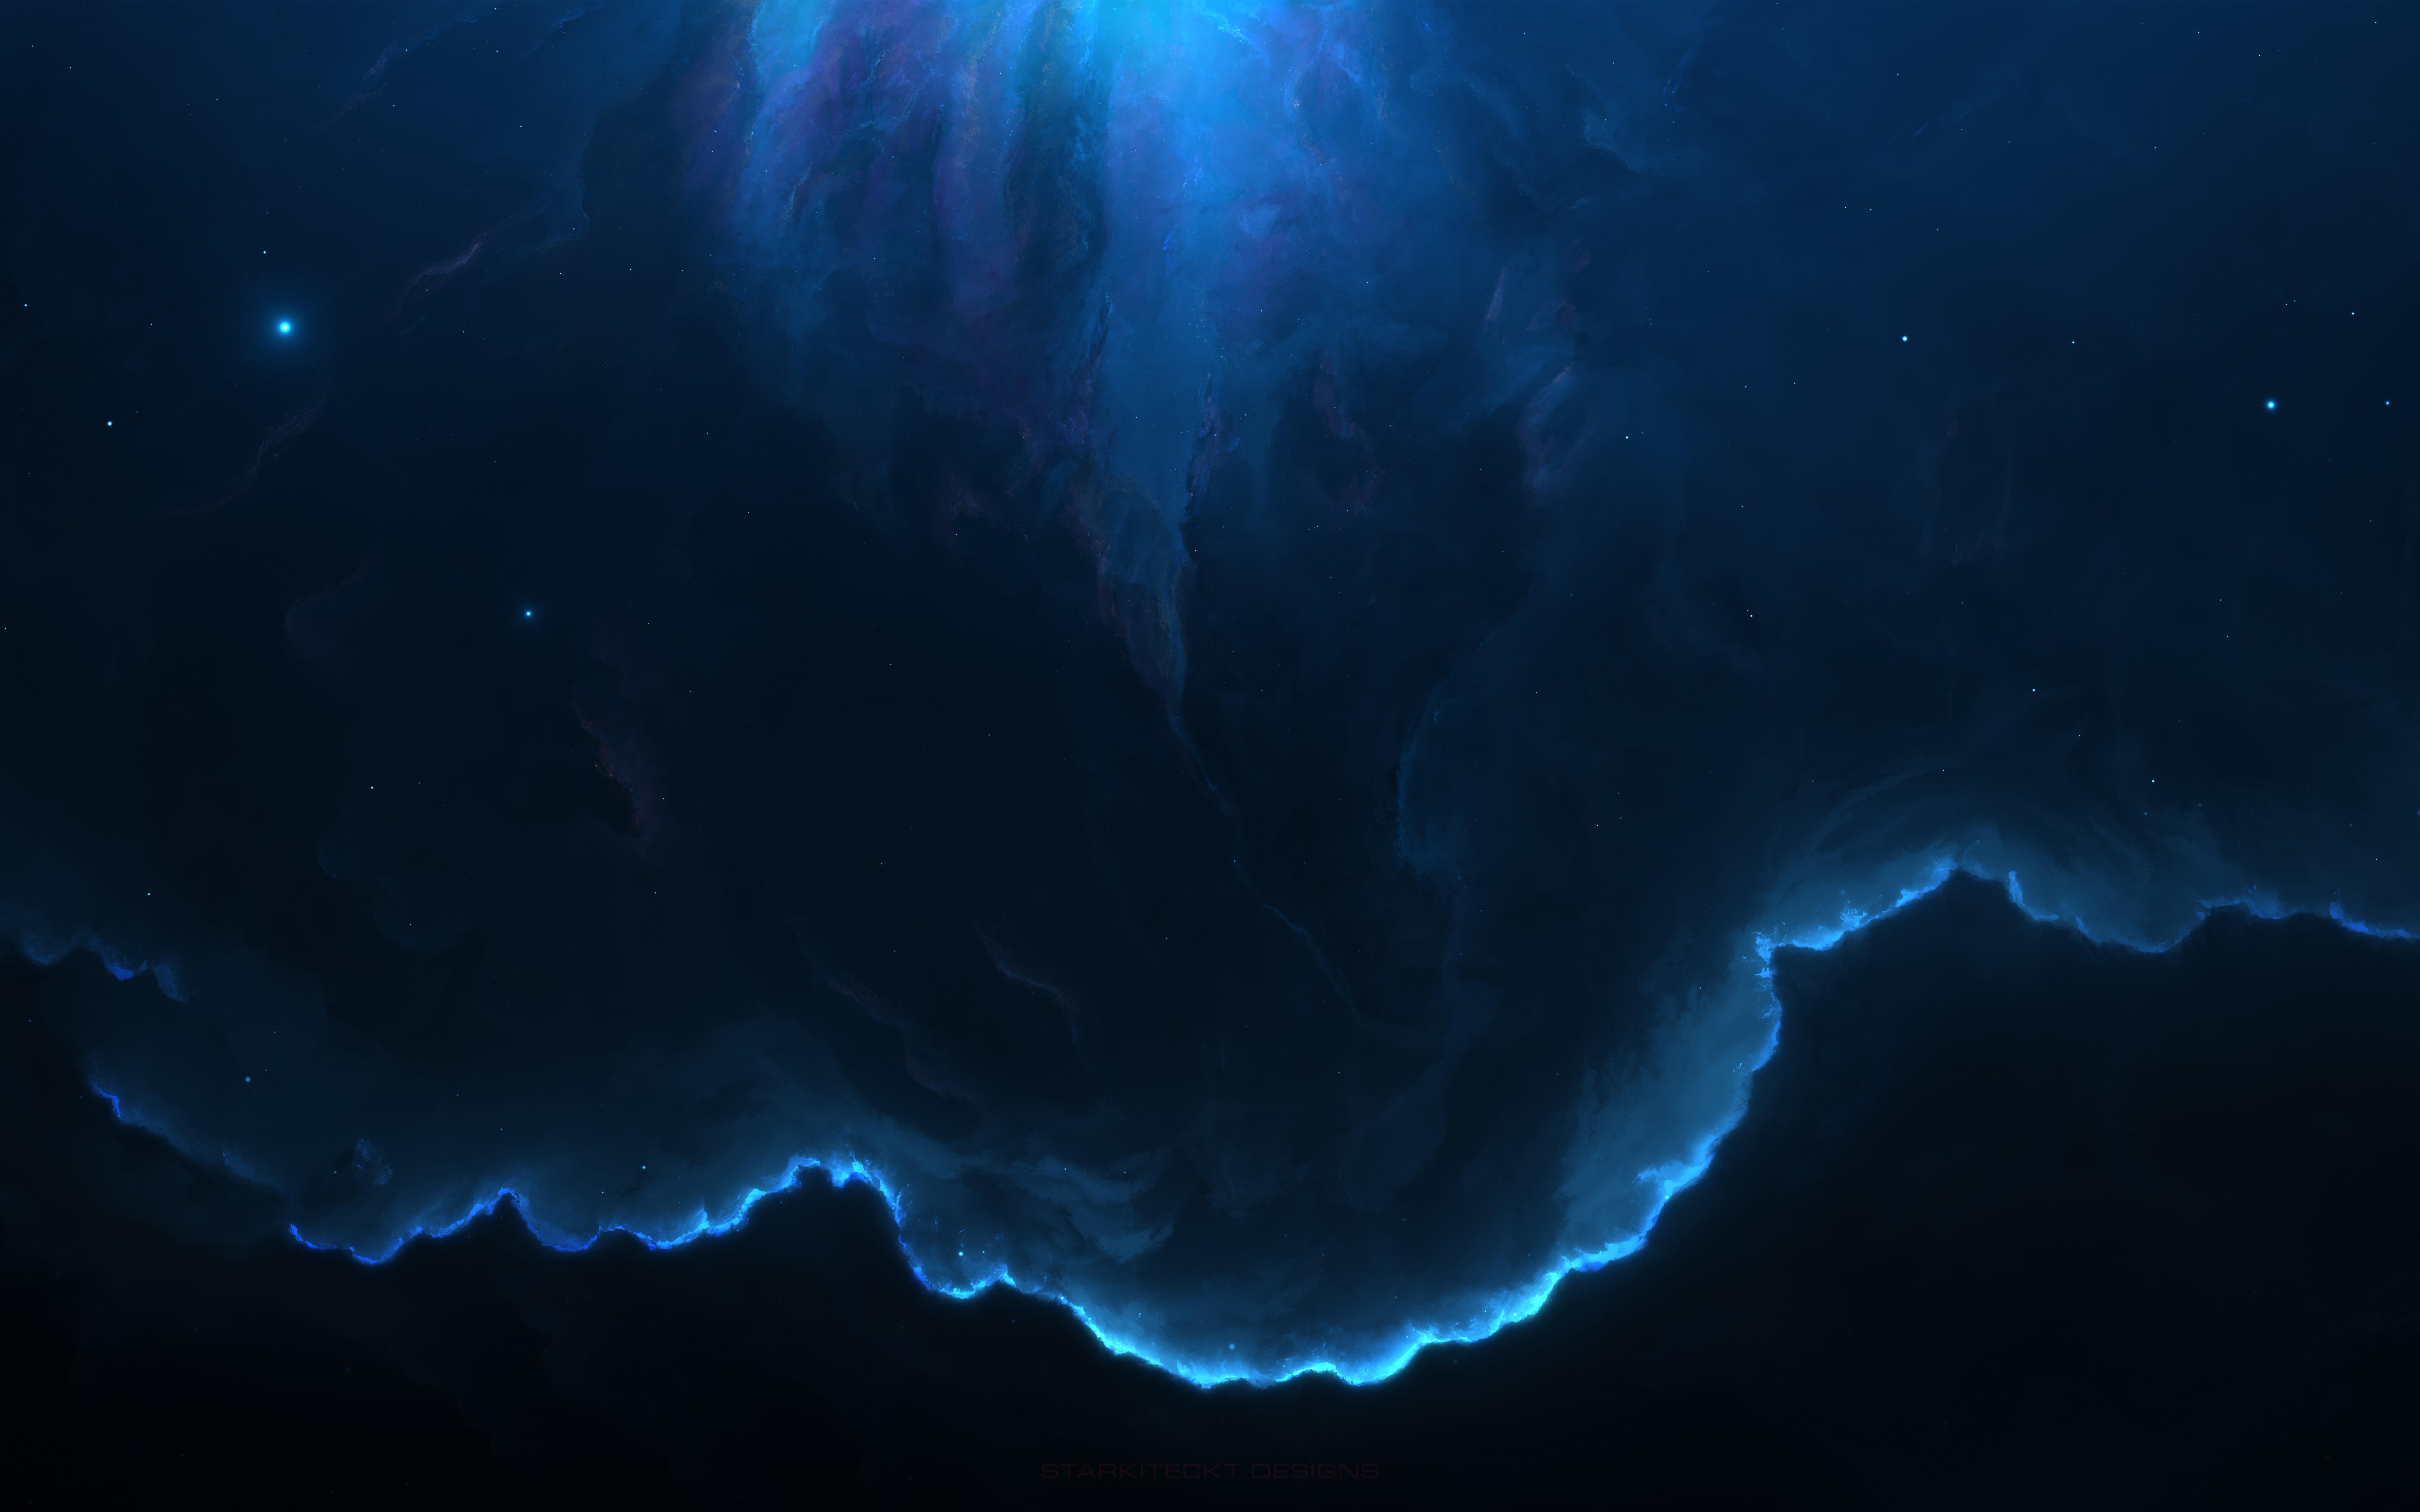 Космическая туманность 8к. обои скачать